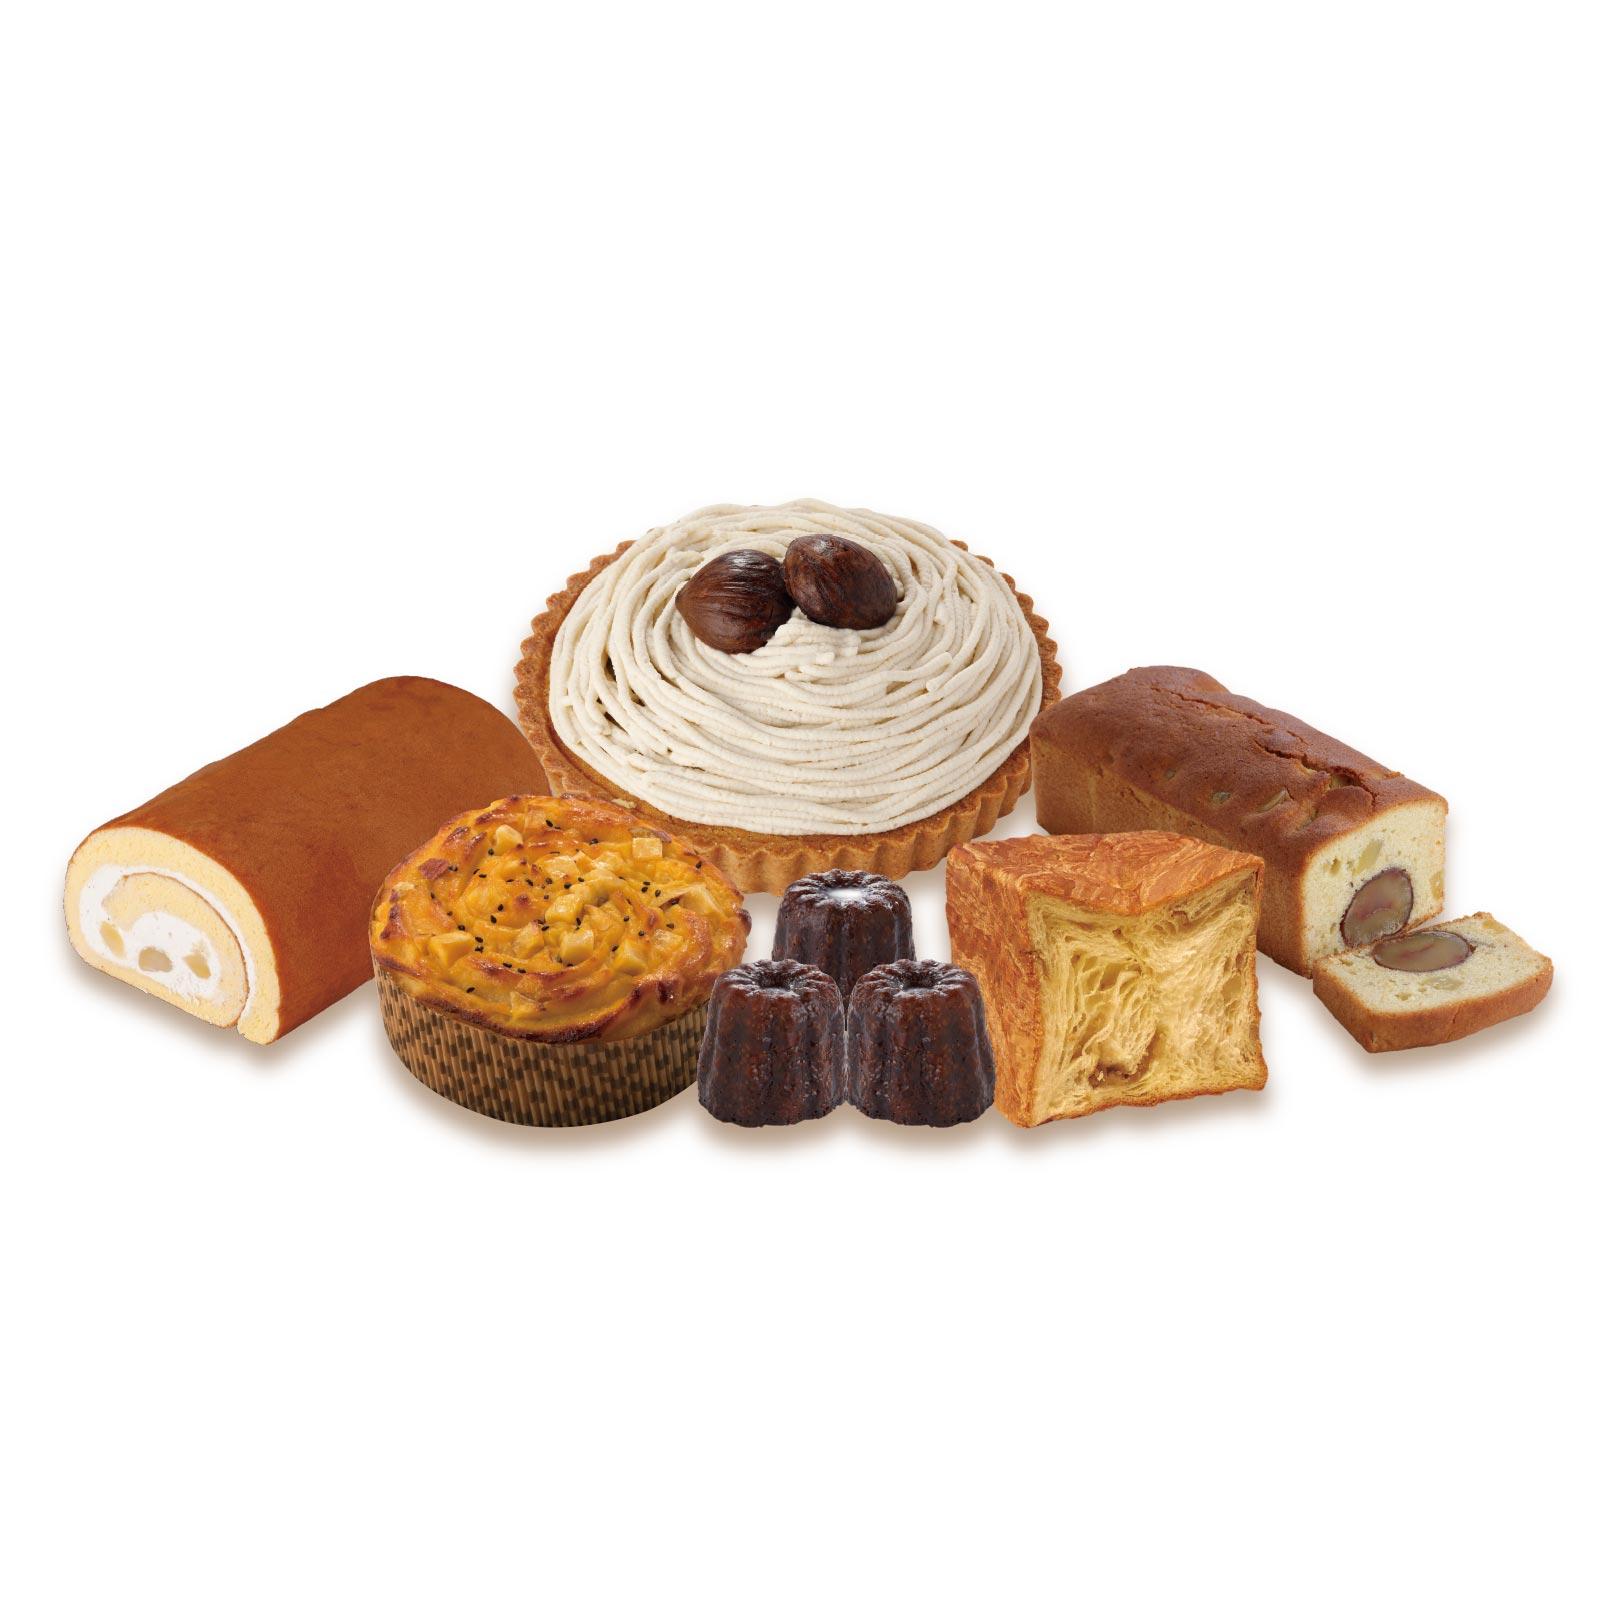 和栗もんぶらんタルトやスイートポテトケーキなどの秋限定スイーツをたっぷりと詰め合わせた送料無料セット